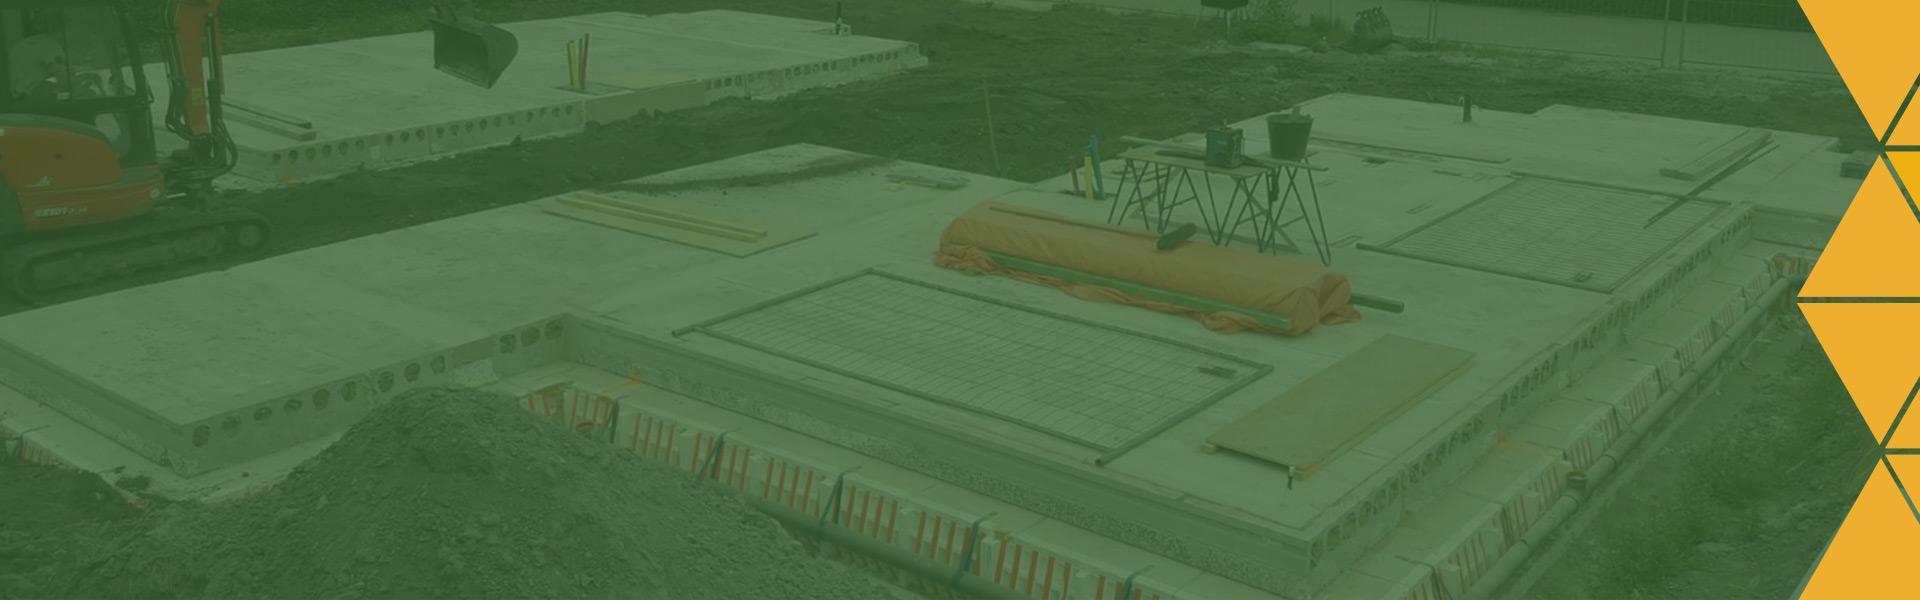 Aannemer nieuwbouw | Temmink Bouwprojekten